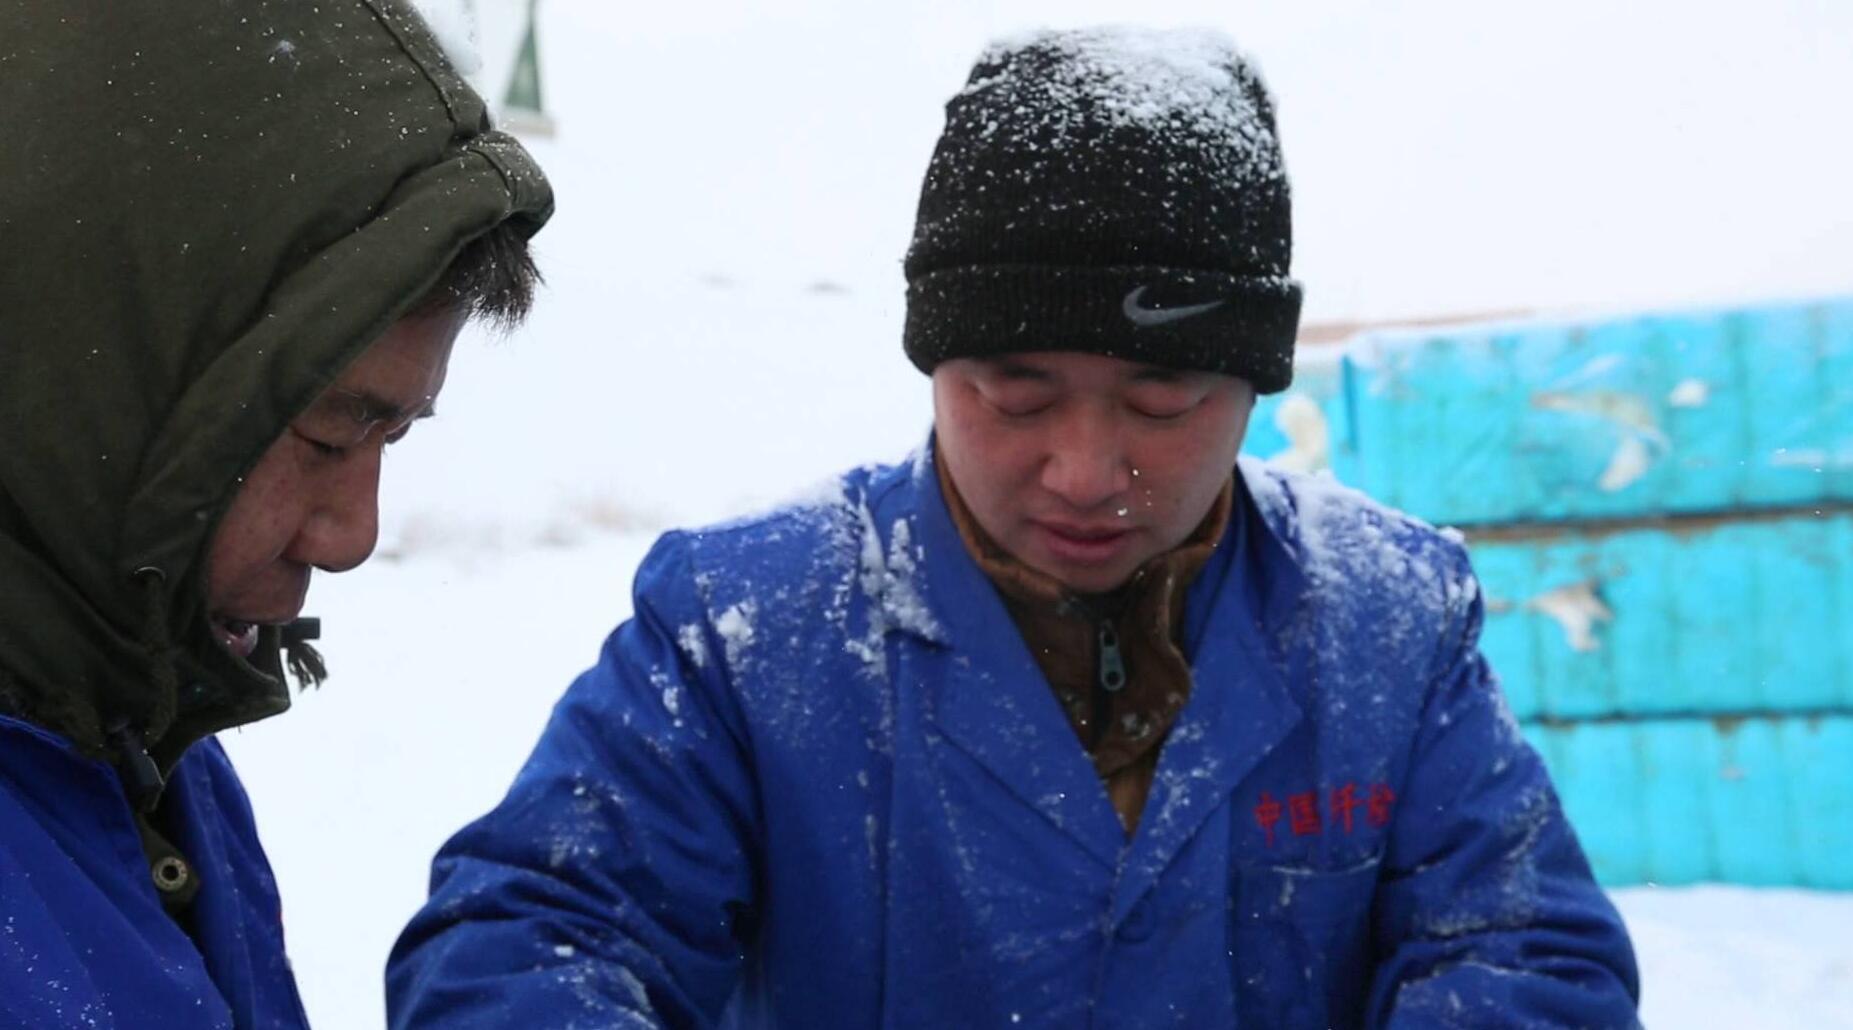 27秒独家视频丨深雪过膝 滴水成冰 这群山东人干了件大事